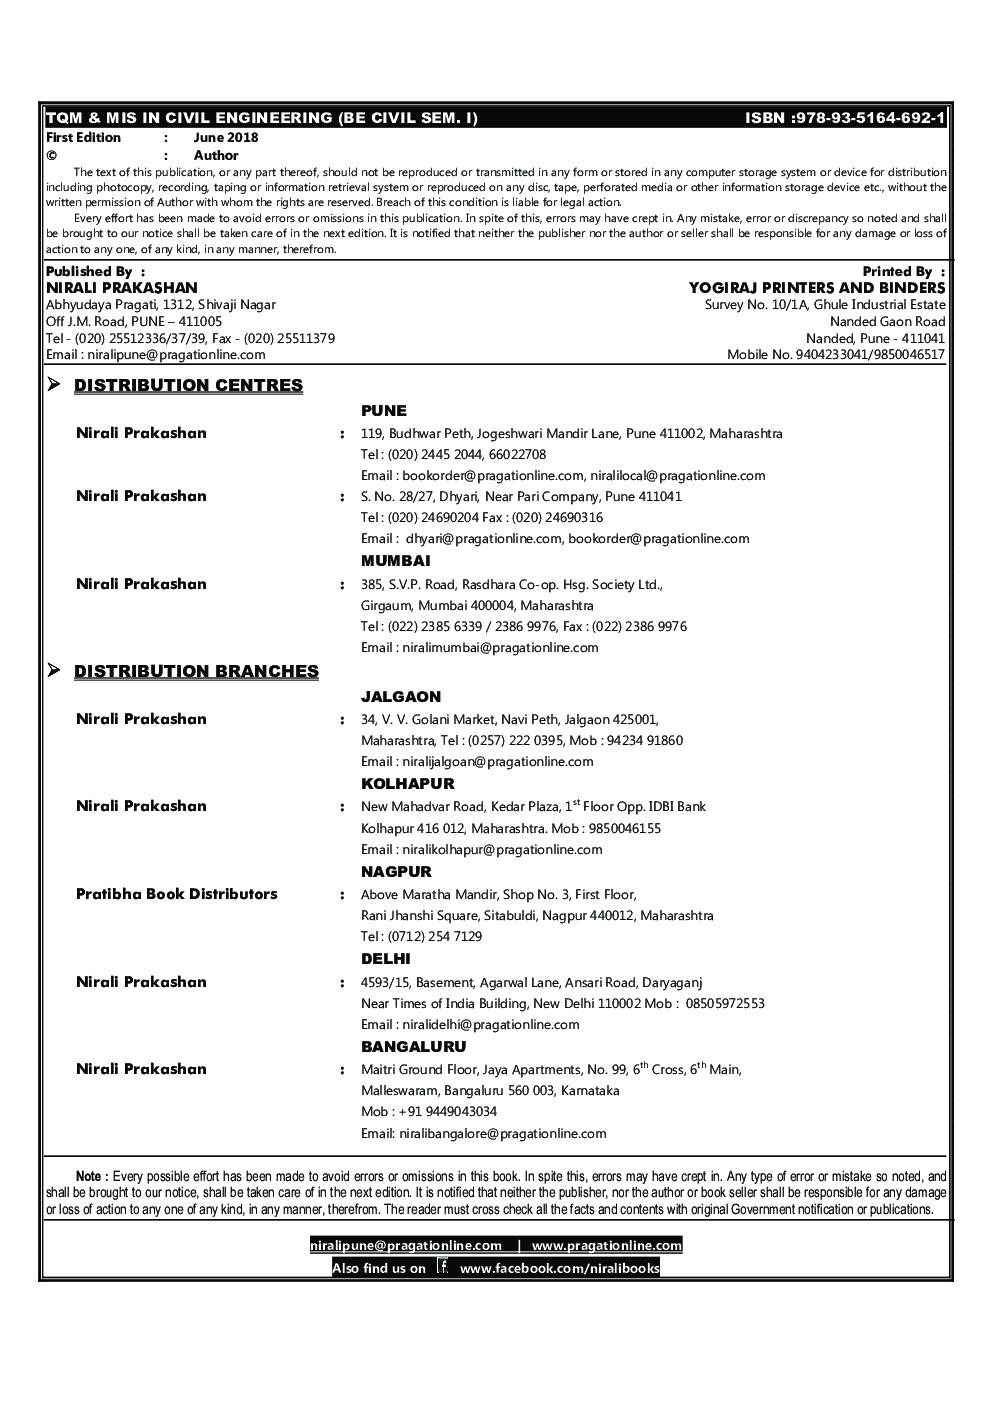 TQM & MIS In Civil Engineering - Page 3